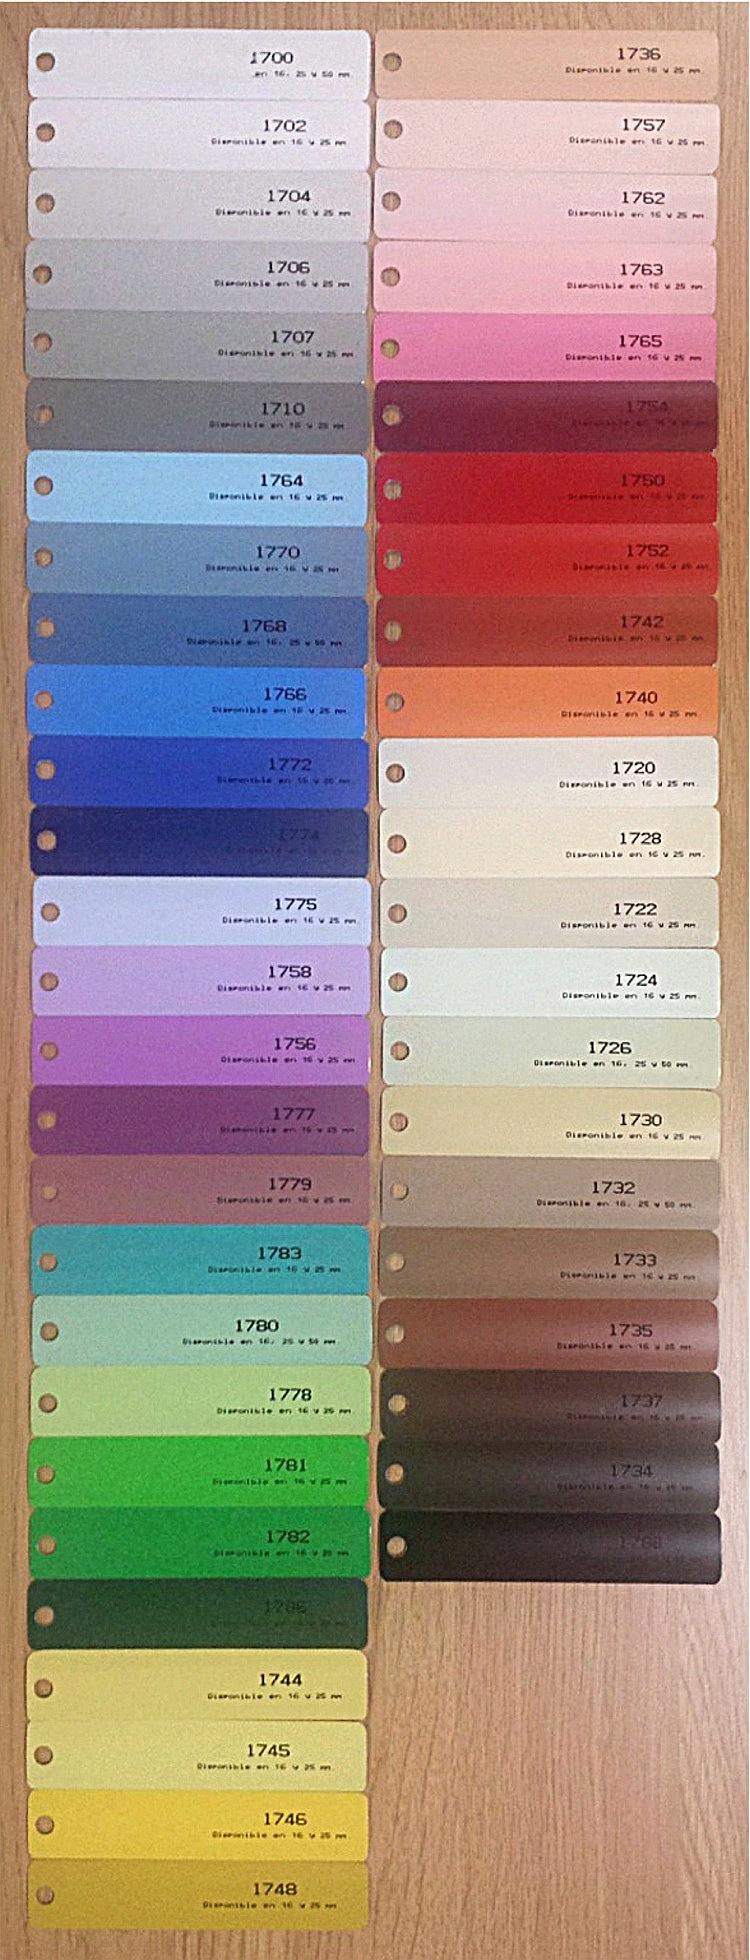 Muestrario De Colores De Persianas Venecianas